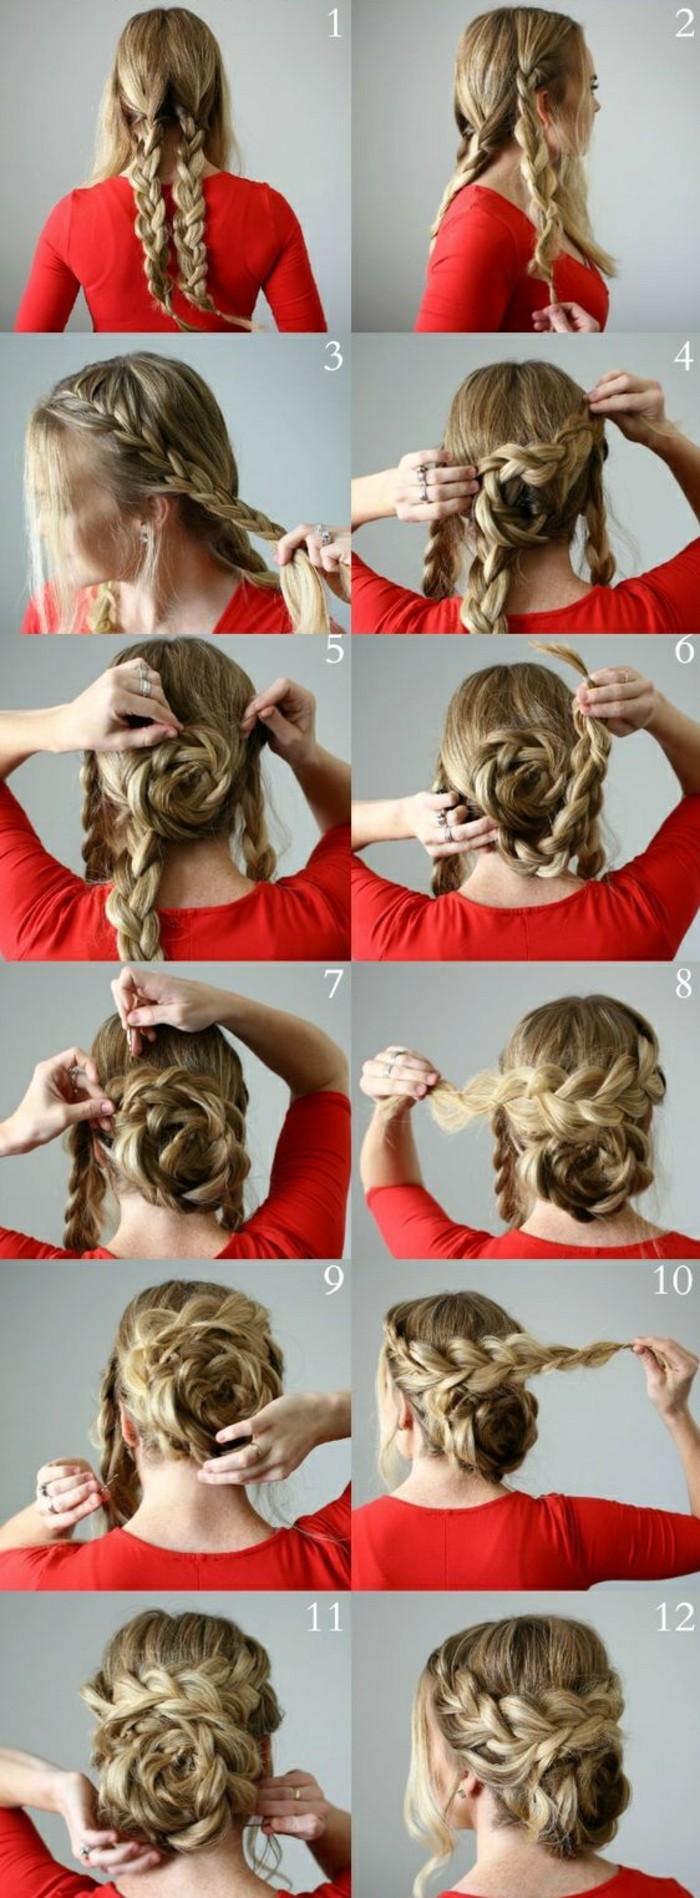 Lange haare frisuren hochstecken